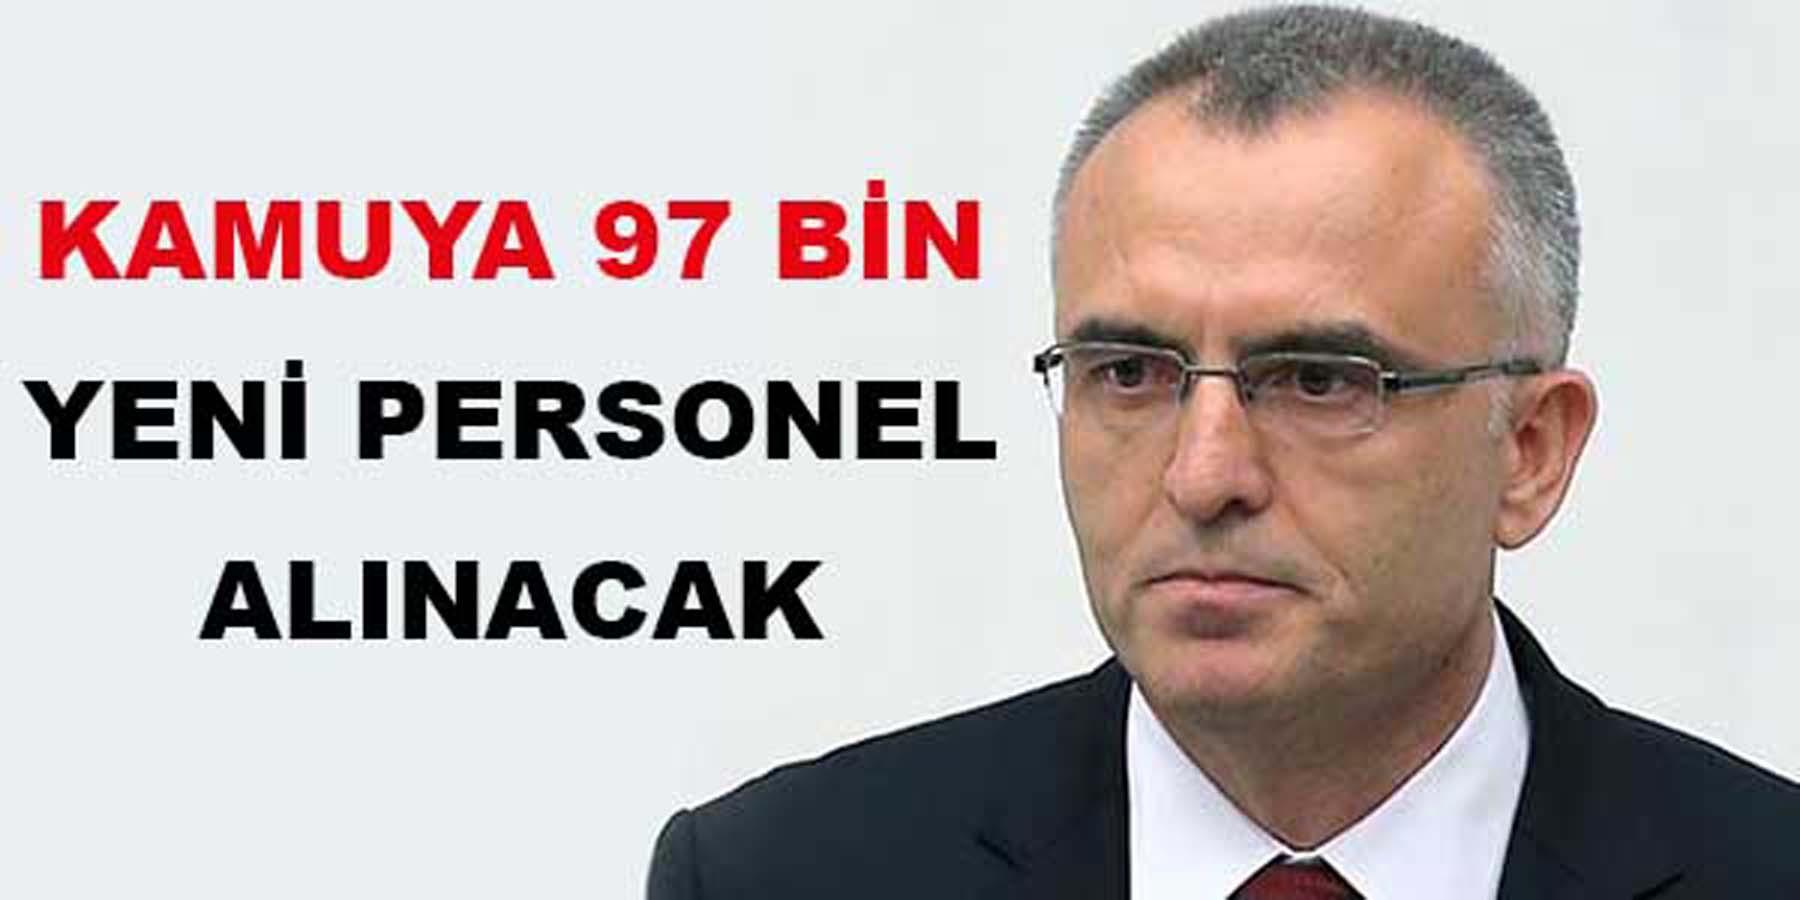 Bakan Açıkladı 97 Bin Kamu Personeli Alınacak